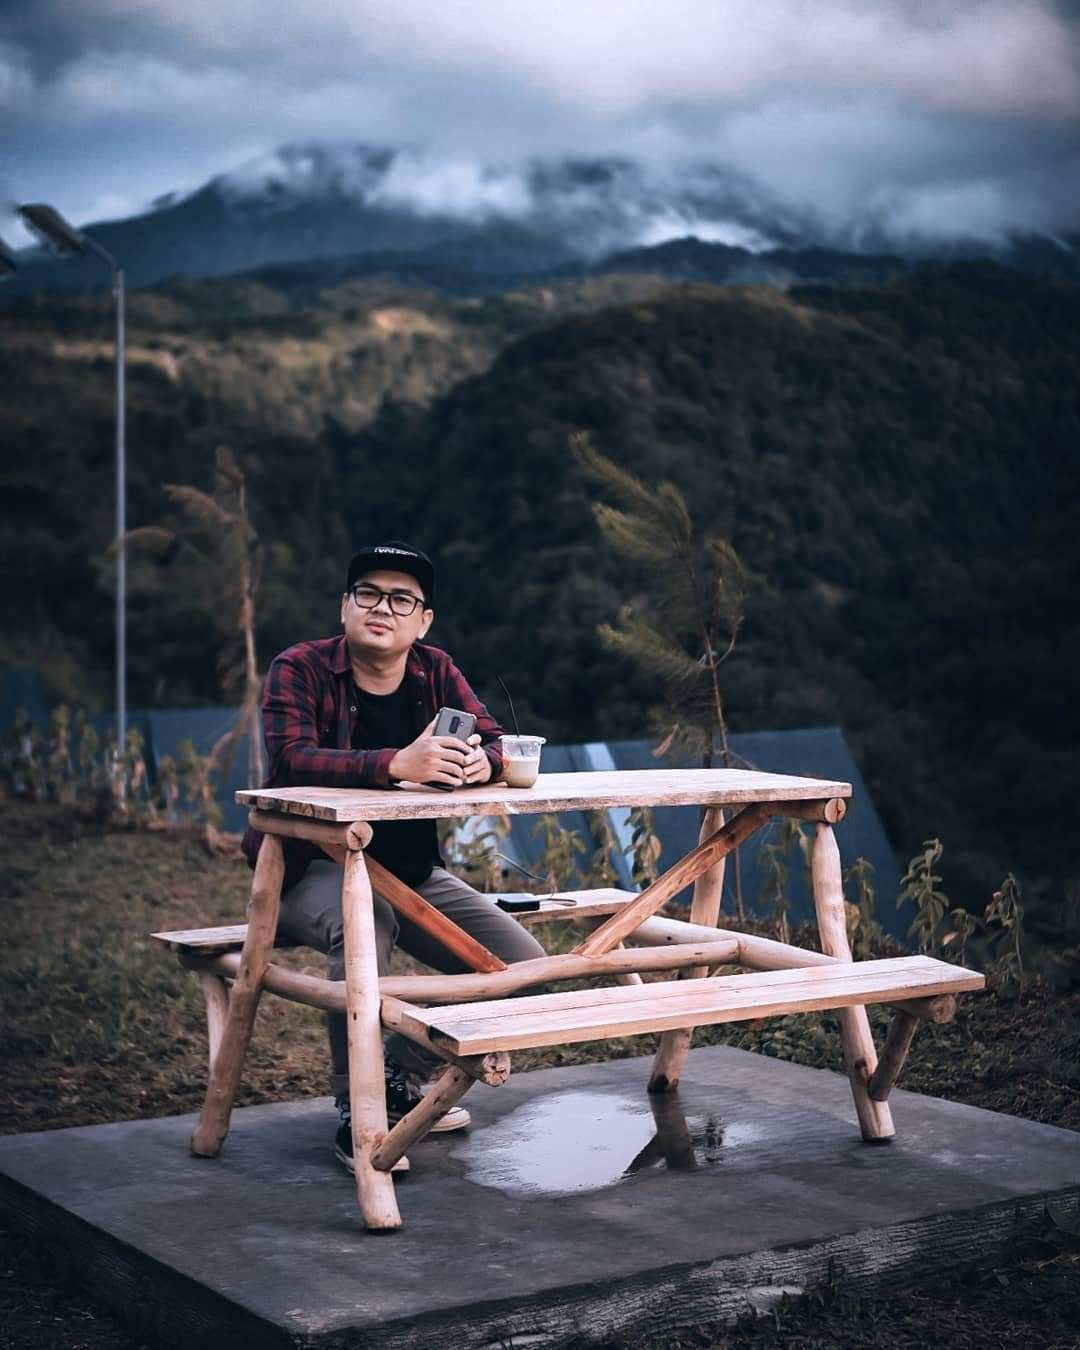 Menikmati Pemandangan Alam Ditemani Secangkir Kopi di Lingkung Gunung, Image From @dennydeandraputra